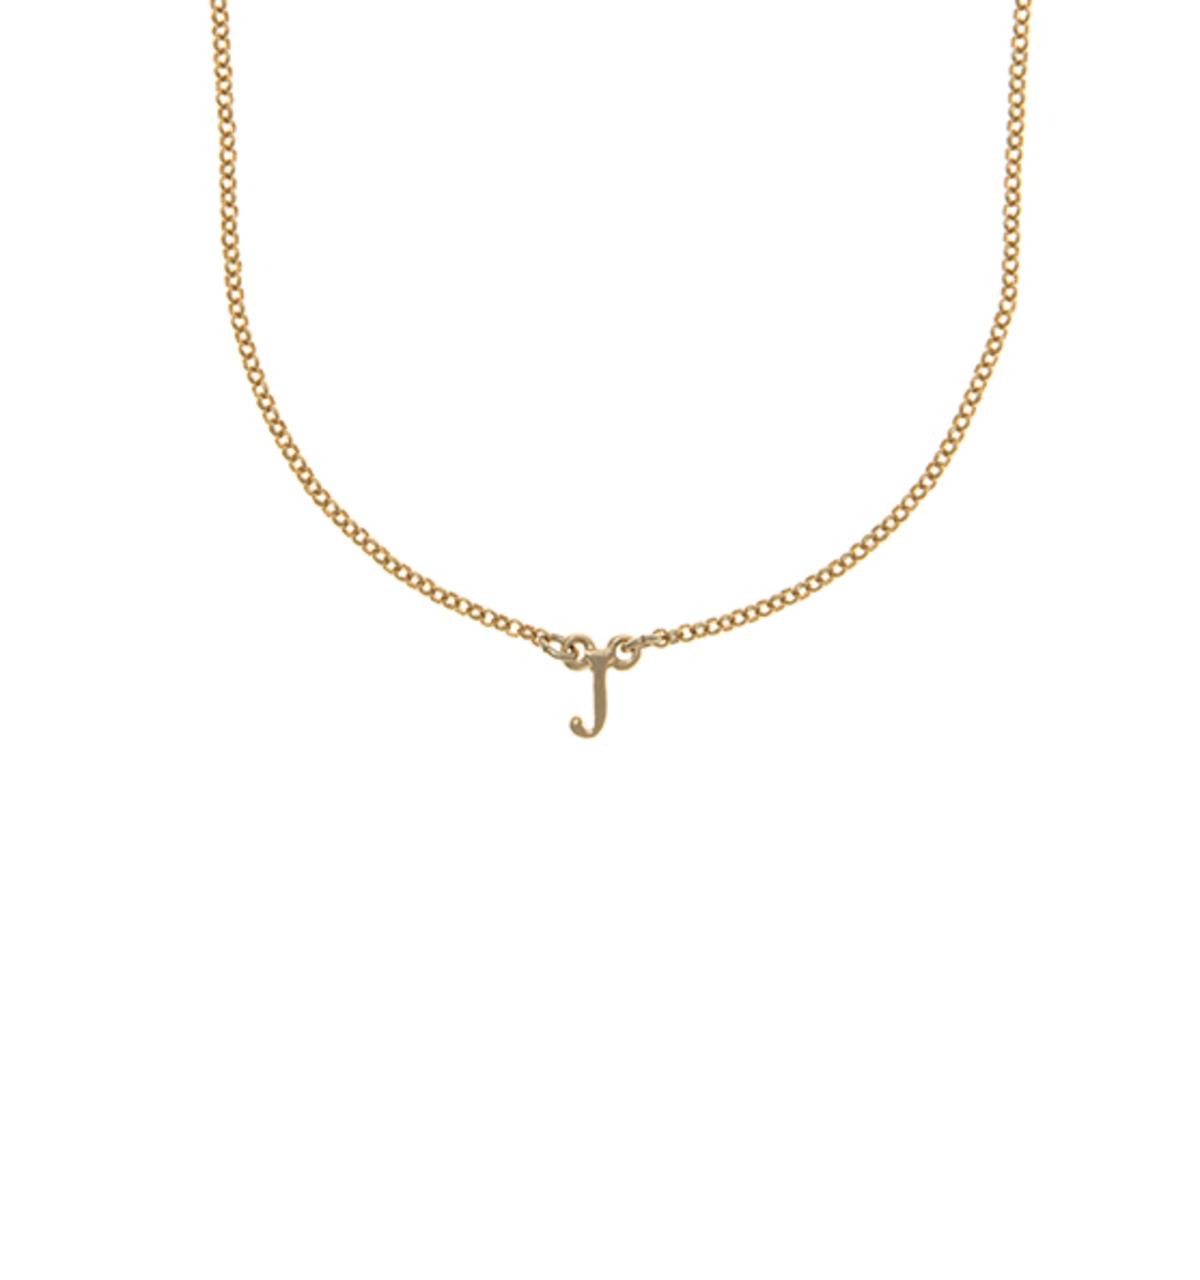 J for joyful necklace 3